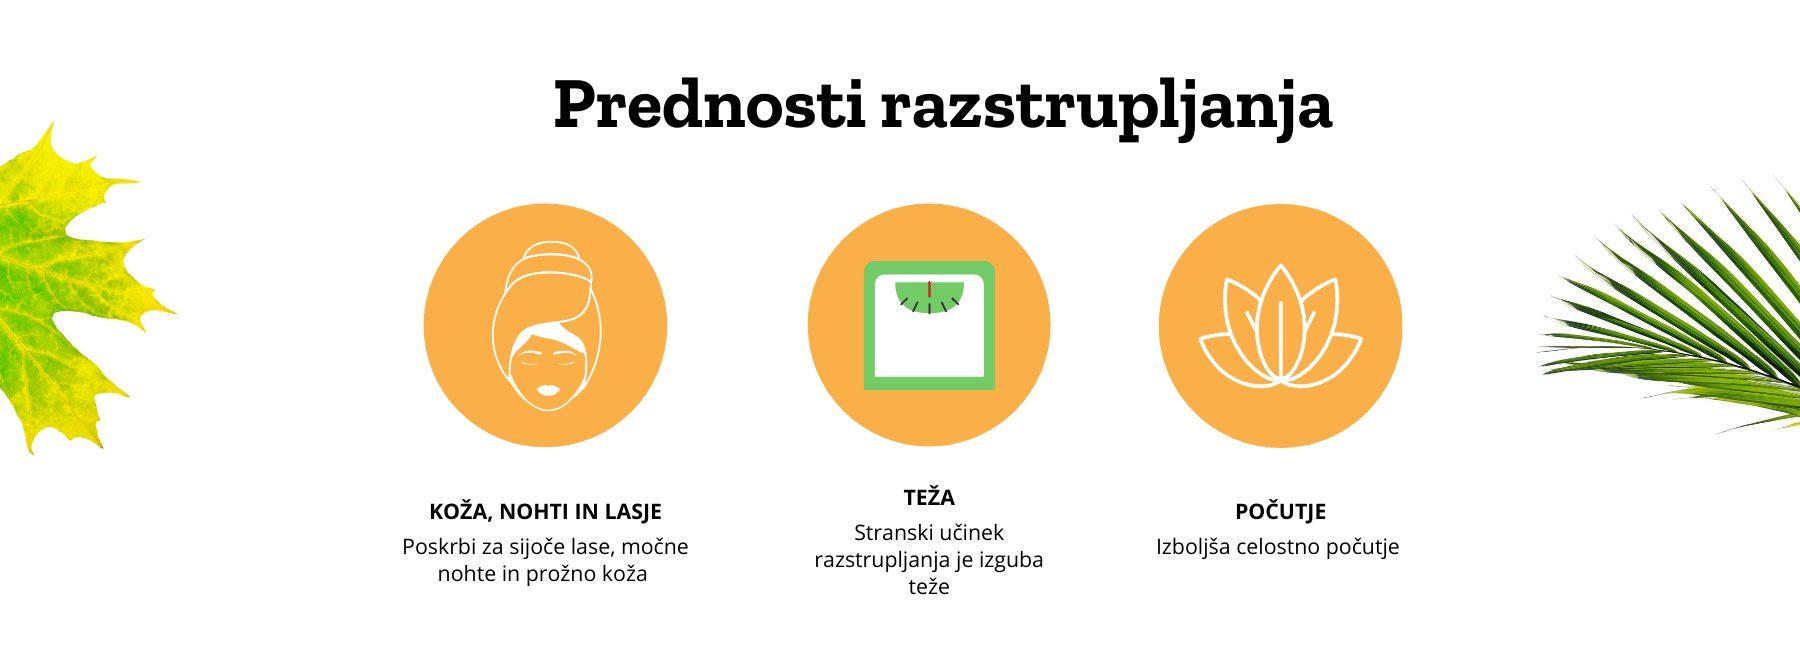 Madal-Bal-naravni-drevesni-sirup-prednosti-limonine-prečiščevalne-diete